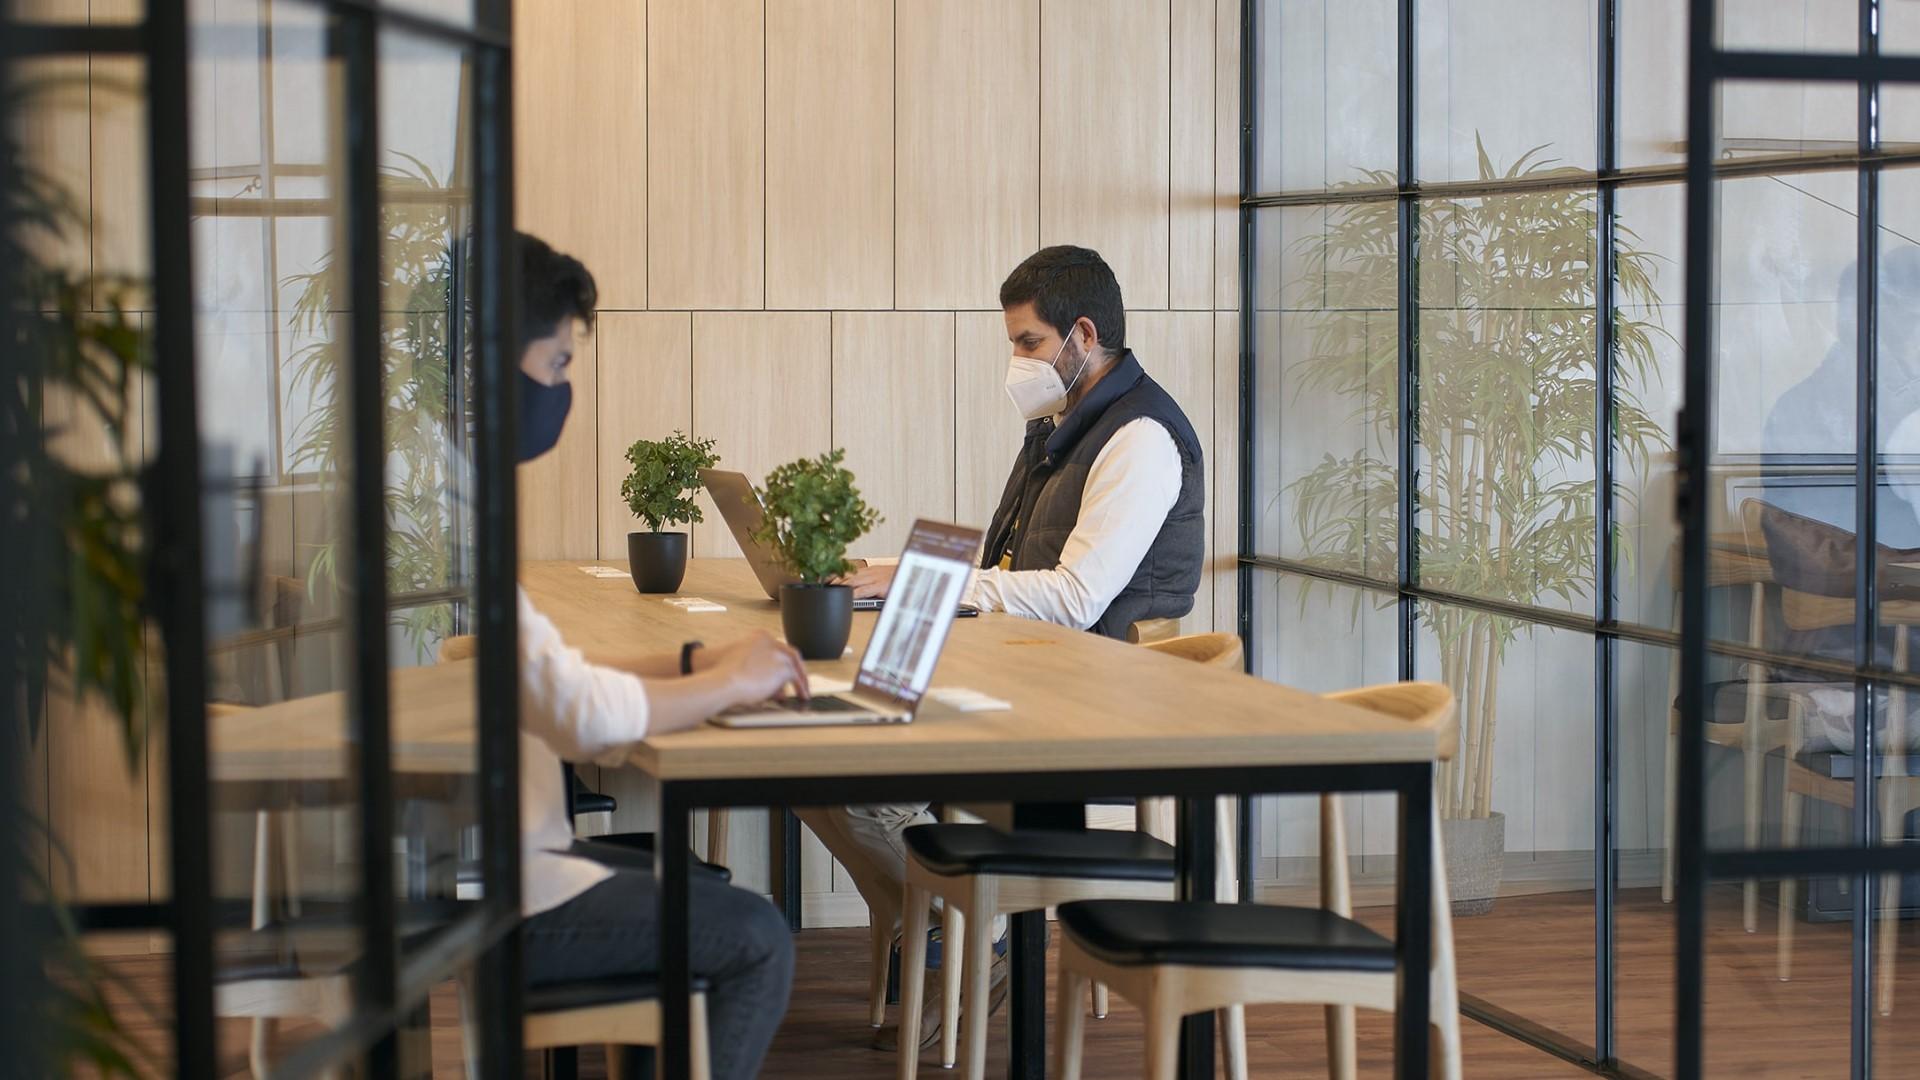 oficinas satelite 5 formas de mejorar la productividad de tu equipo